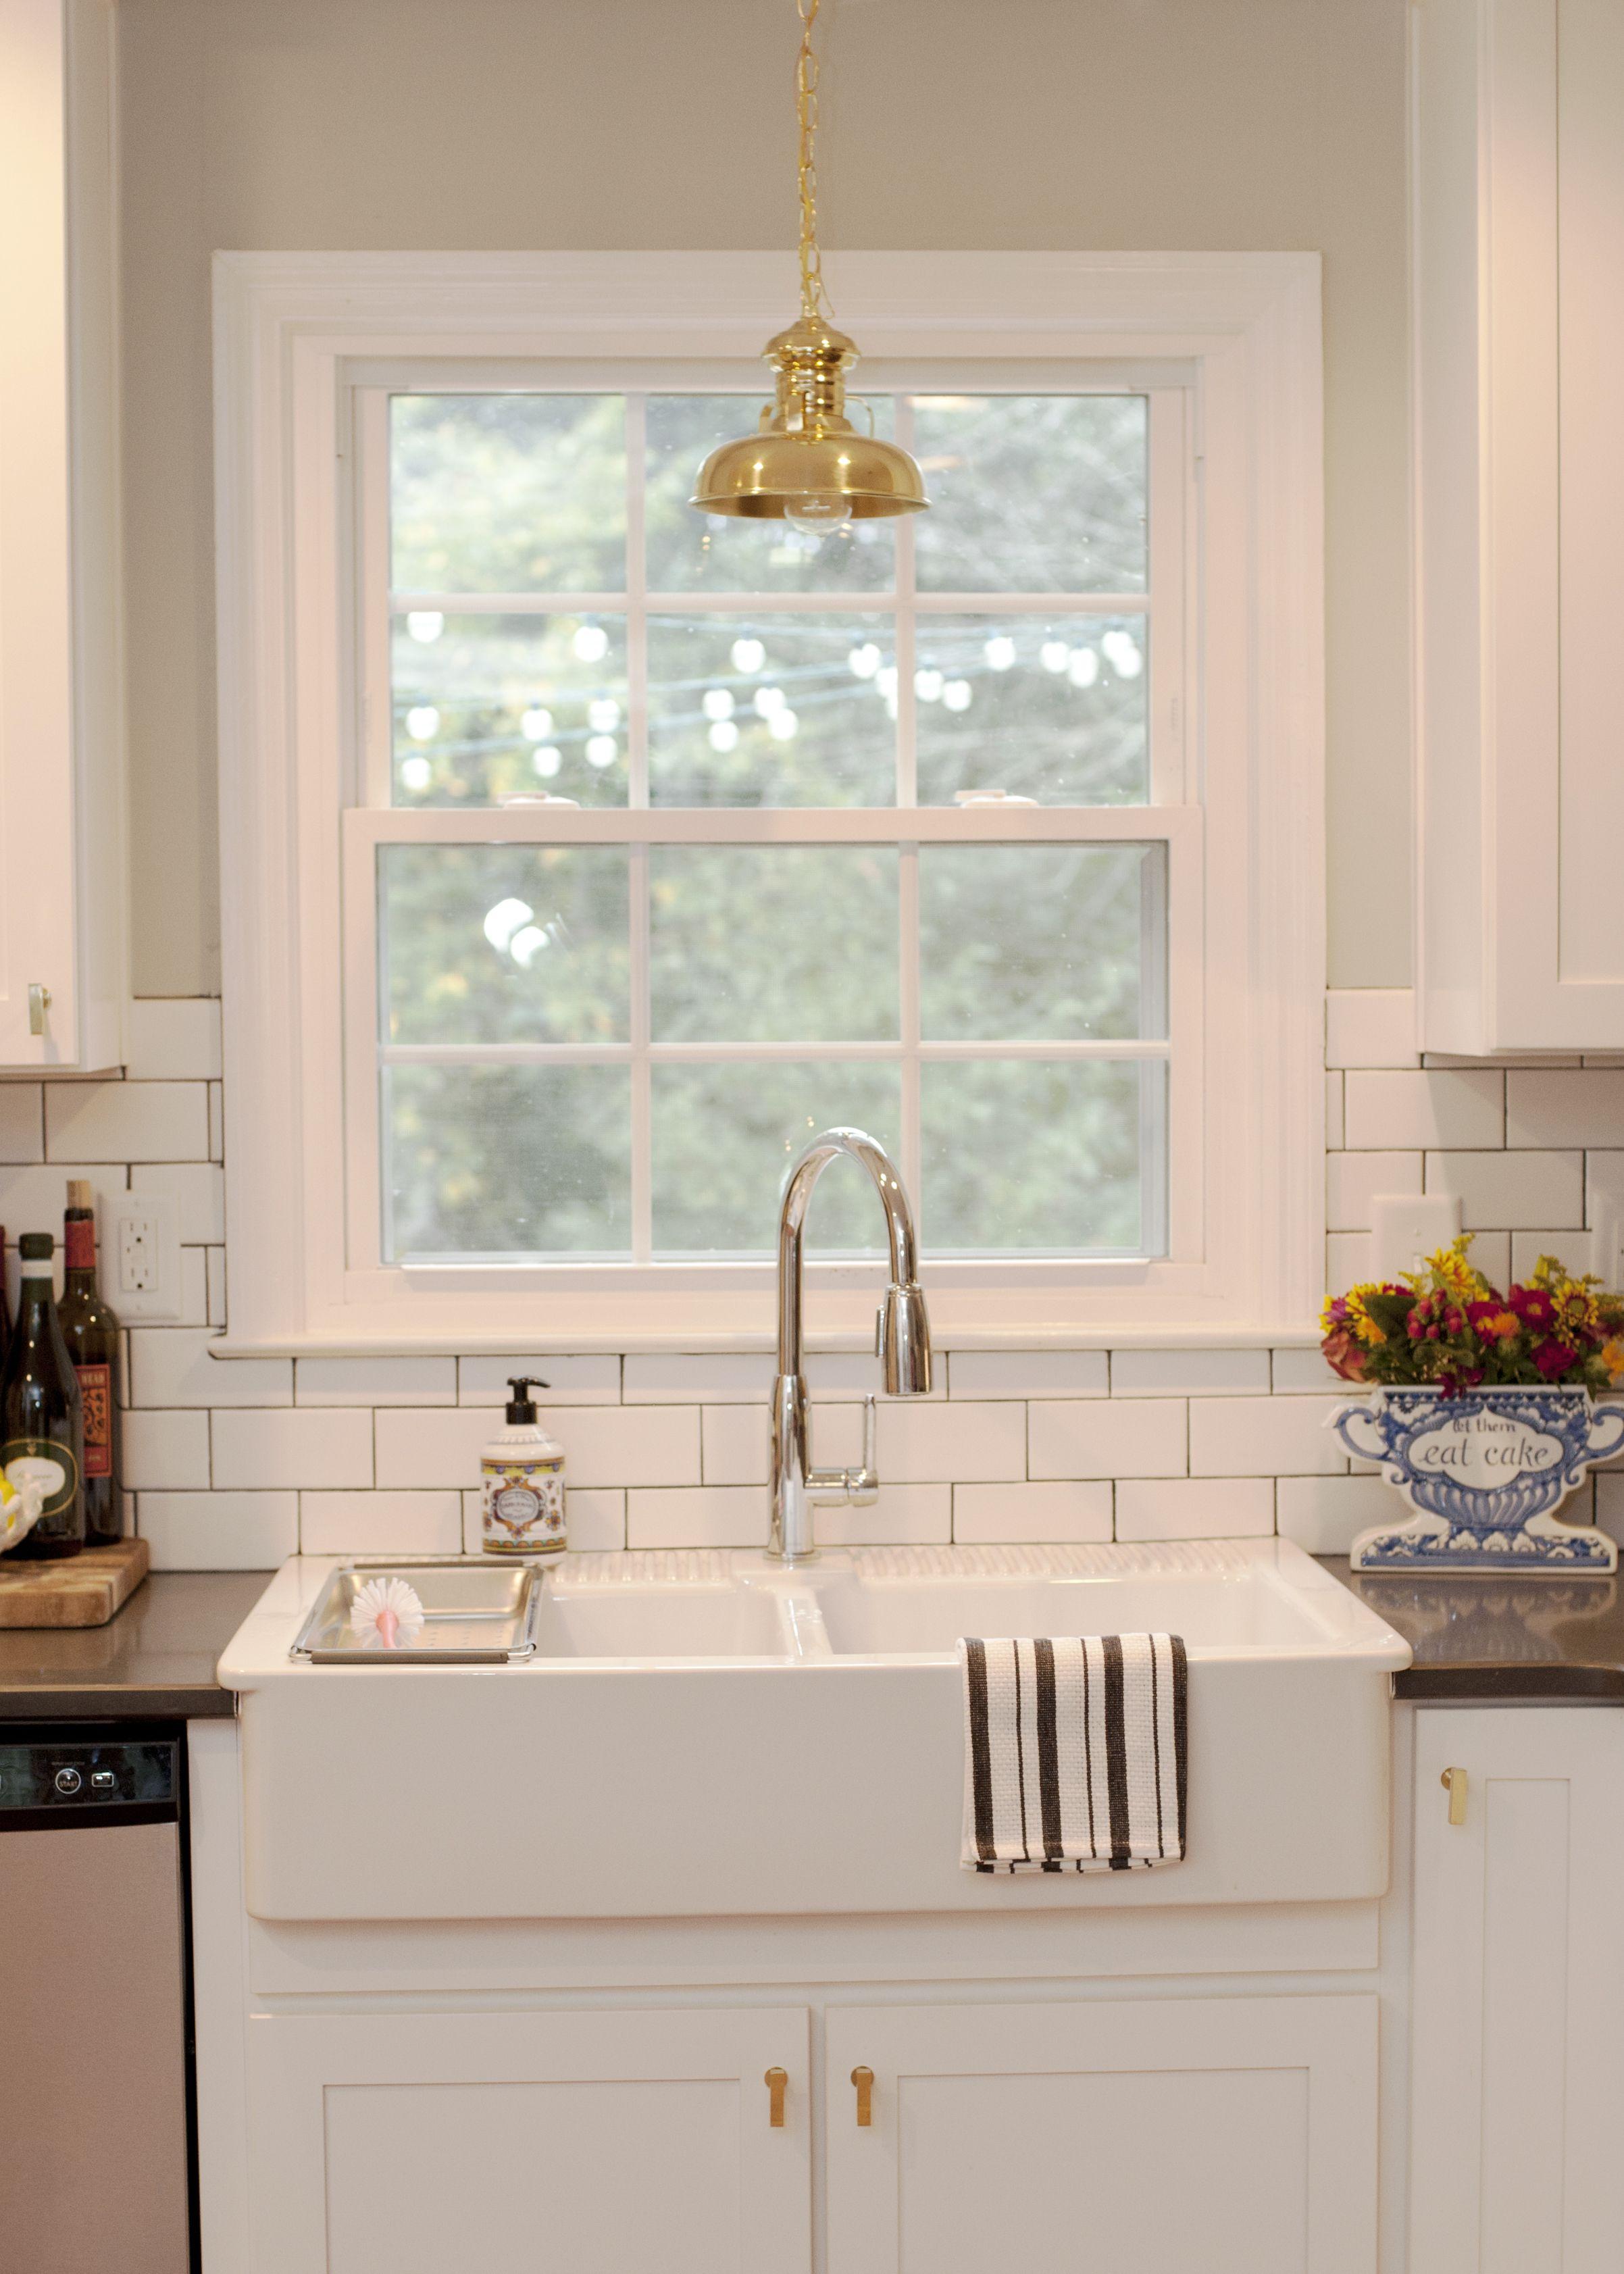 Jessie epley short 39 s raleigh home tour kitchen subway for Light above kitchen sink